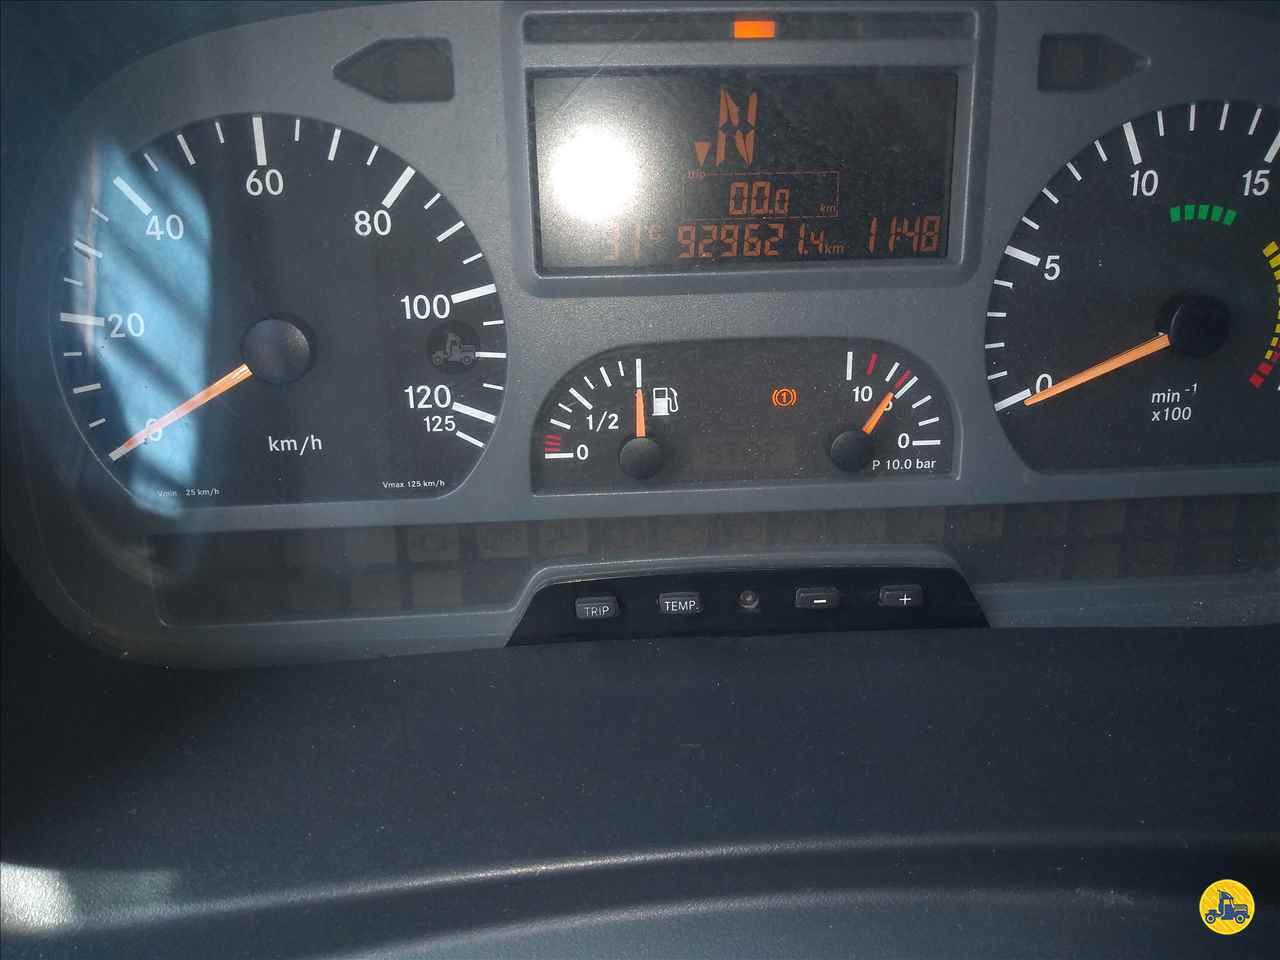 MERCEDES-BENZ MB 2035 900km 2009/2009 Igor Caminhões